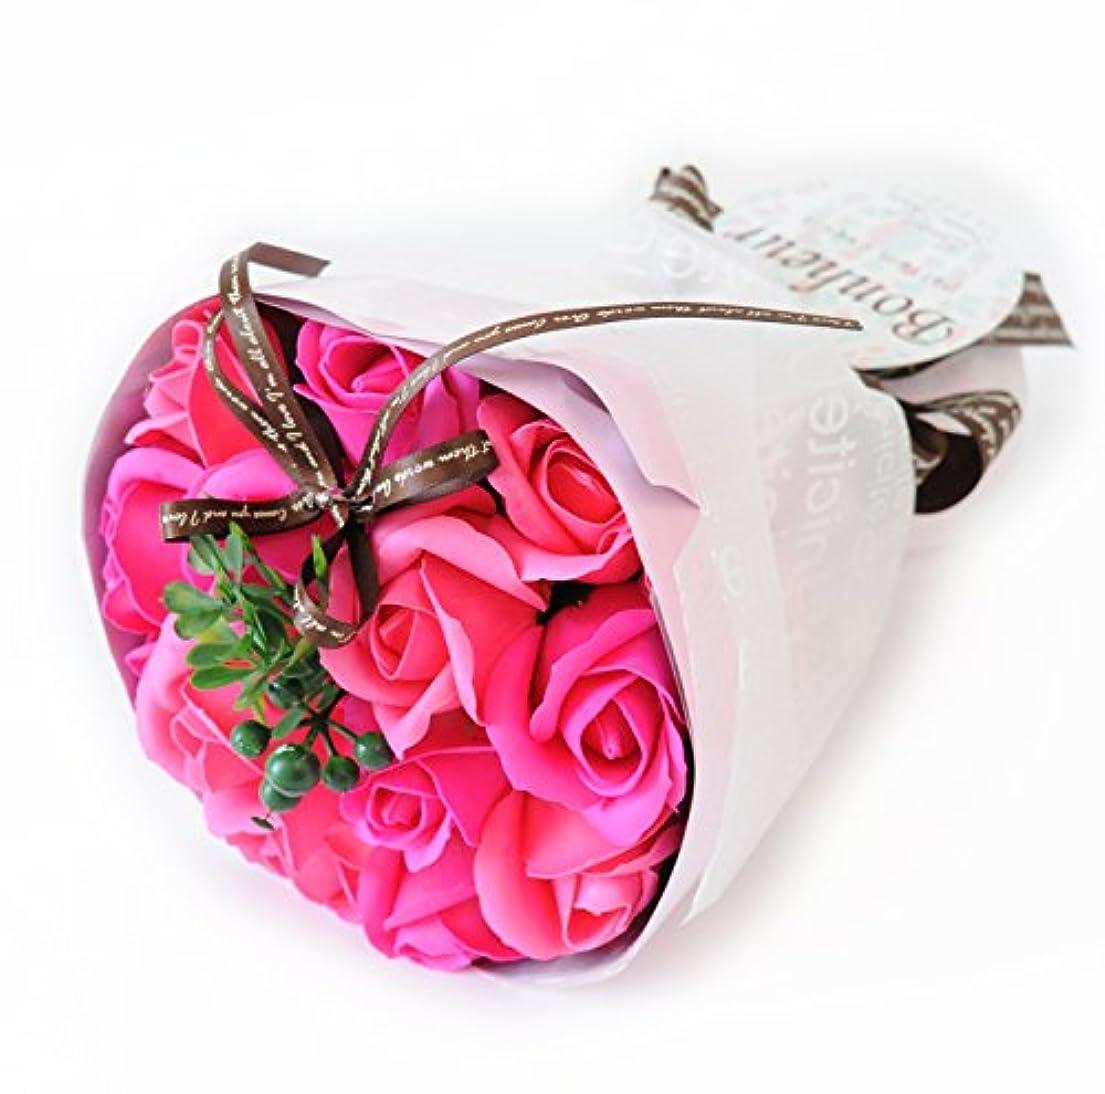 細いプラスチック証明書フラワーマーケット花由 ソープフラワー アロマローズブーケ ビューティー シャボンフラワー フラワーソープ